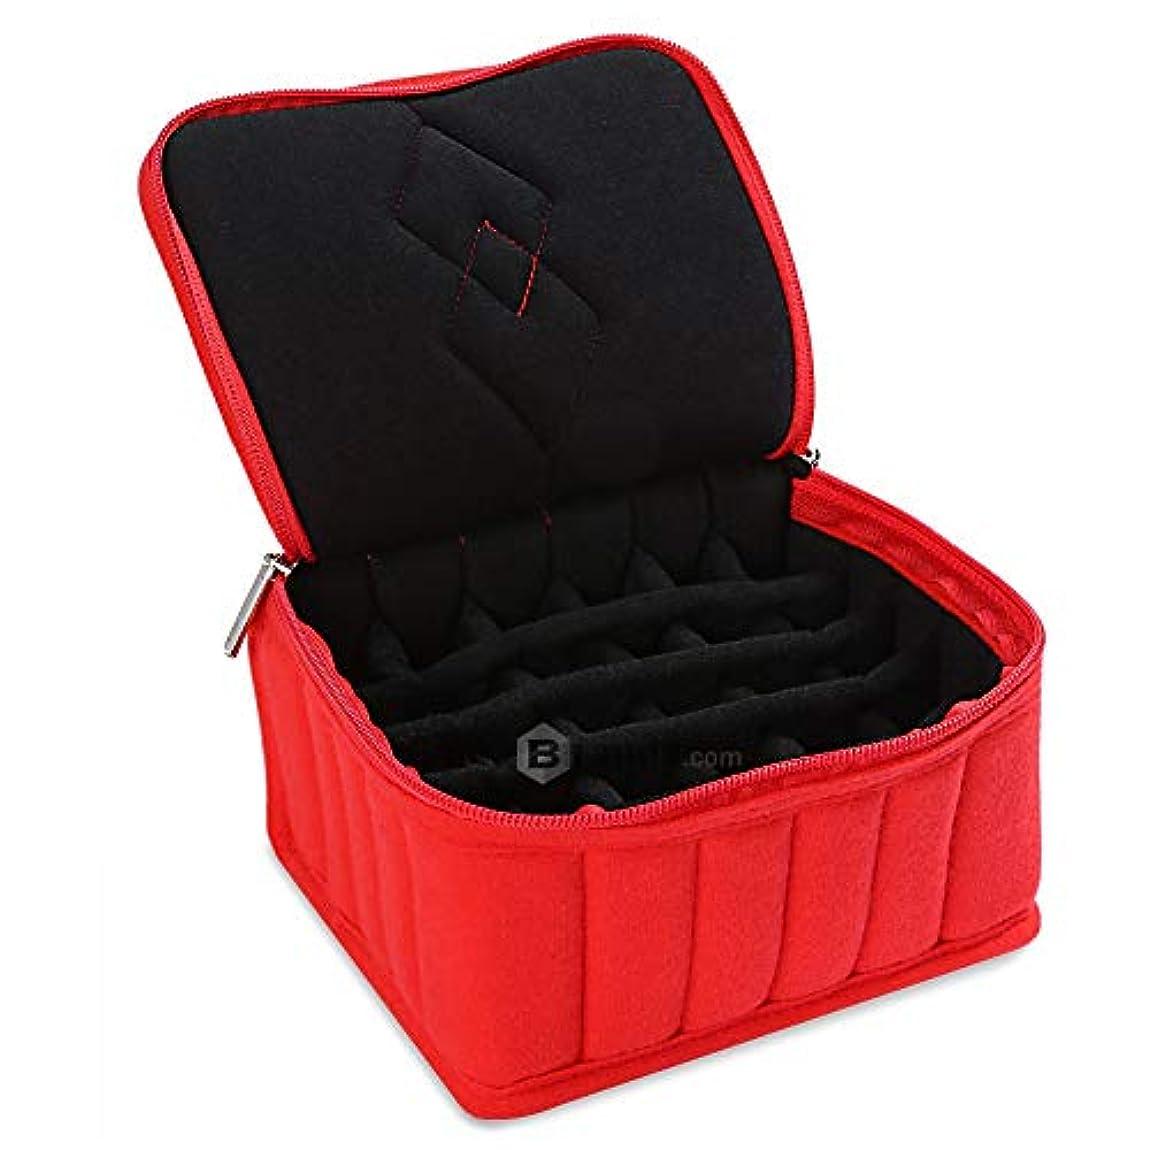 死にかけている子通訳リングケース 指輪 ベロア調 ピアスケース 30個 収納可 ディスプレイ 展示用 ジュエリーボックス